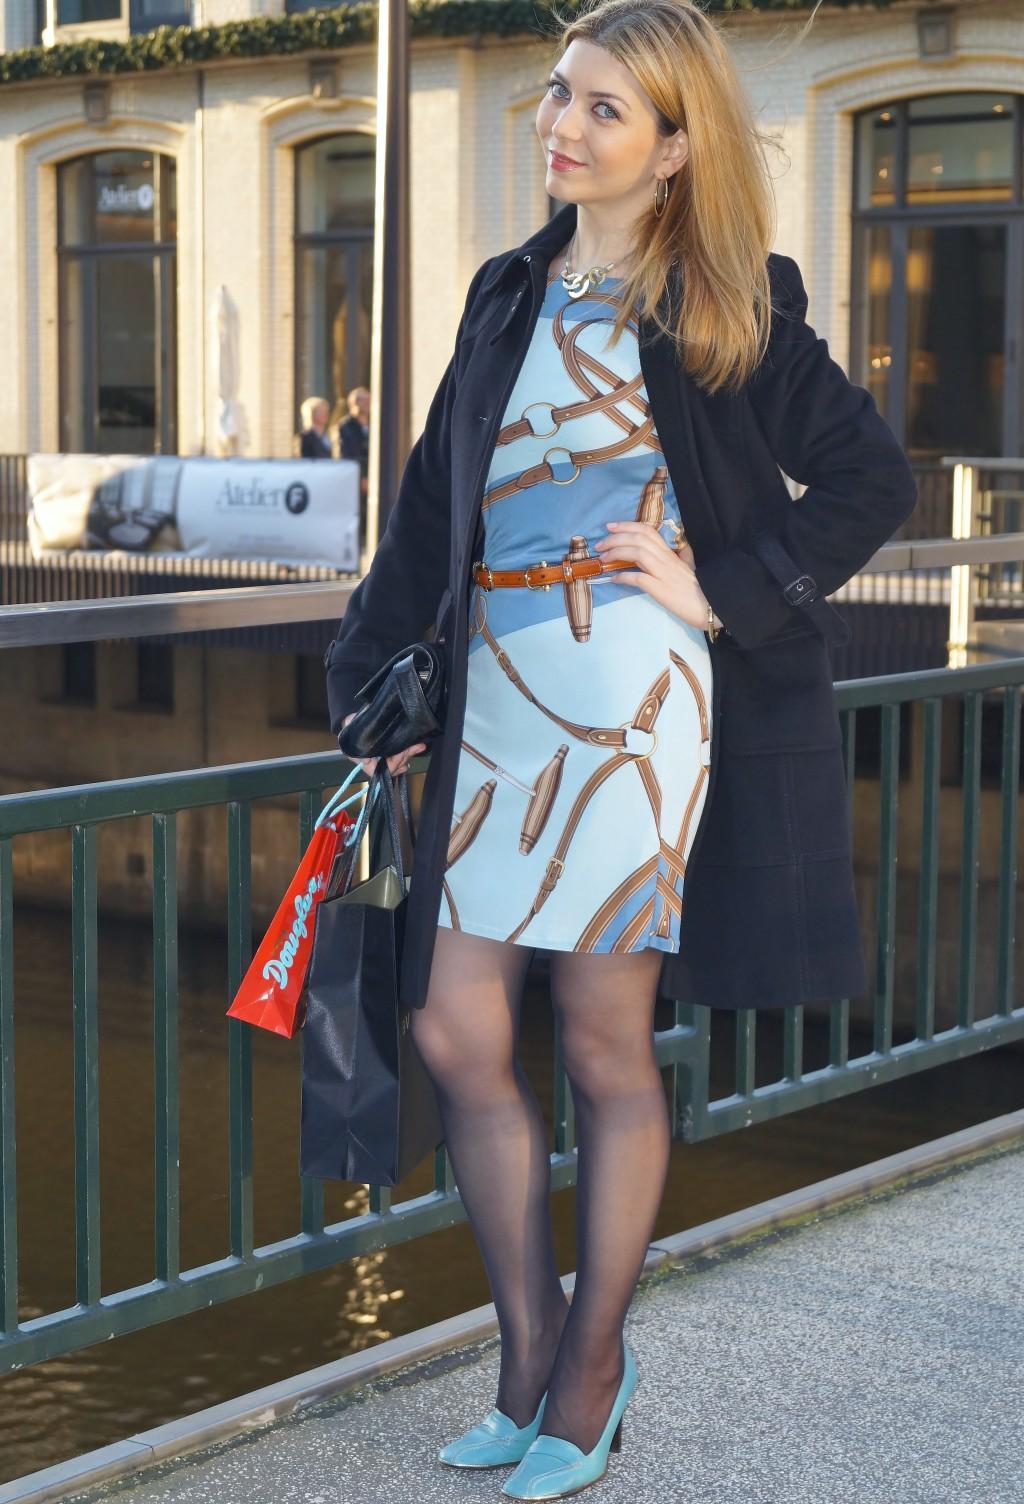 Ralph Lauren Kleid - Bally Schuhe